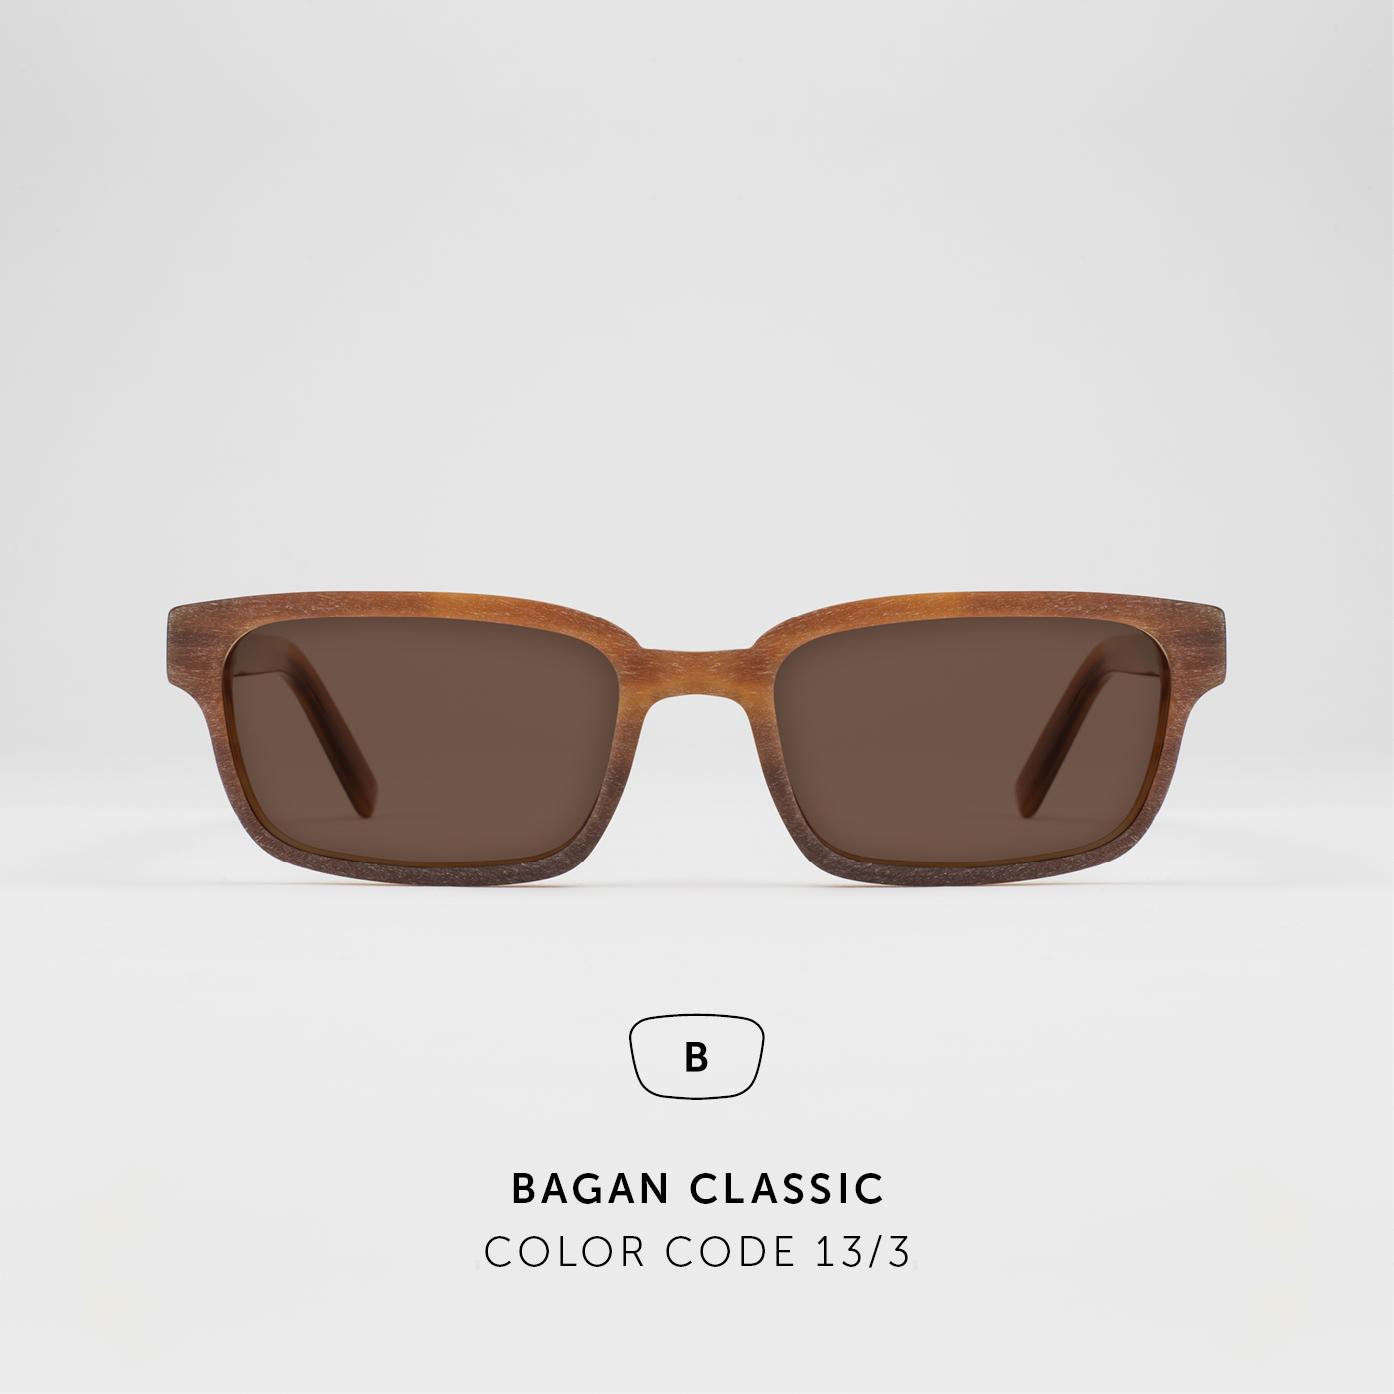 BaganClassic42.jpg